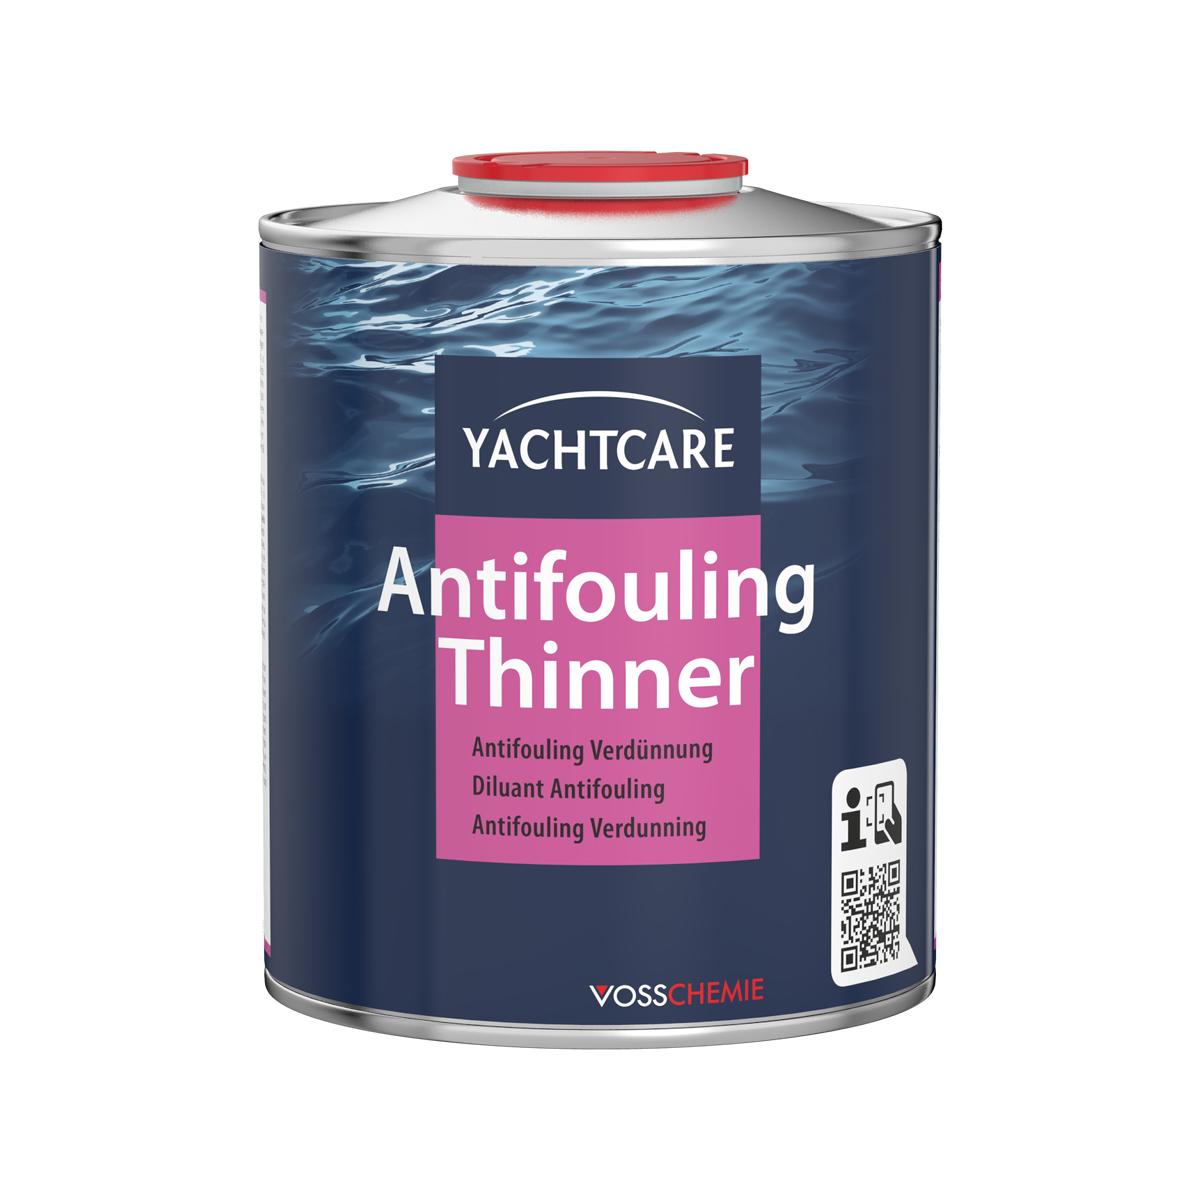 Yachtcare Antifouling Thinner verdunning - 750ml